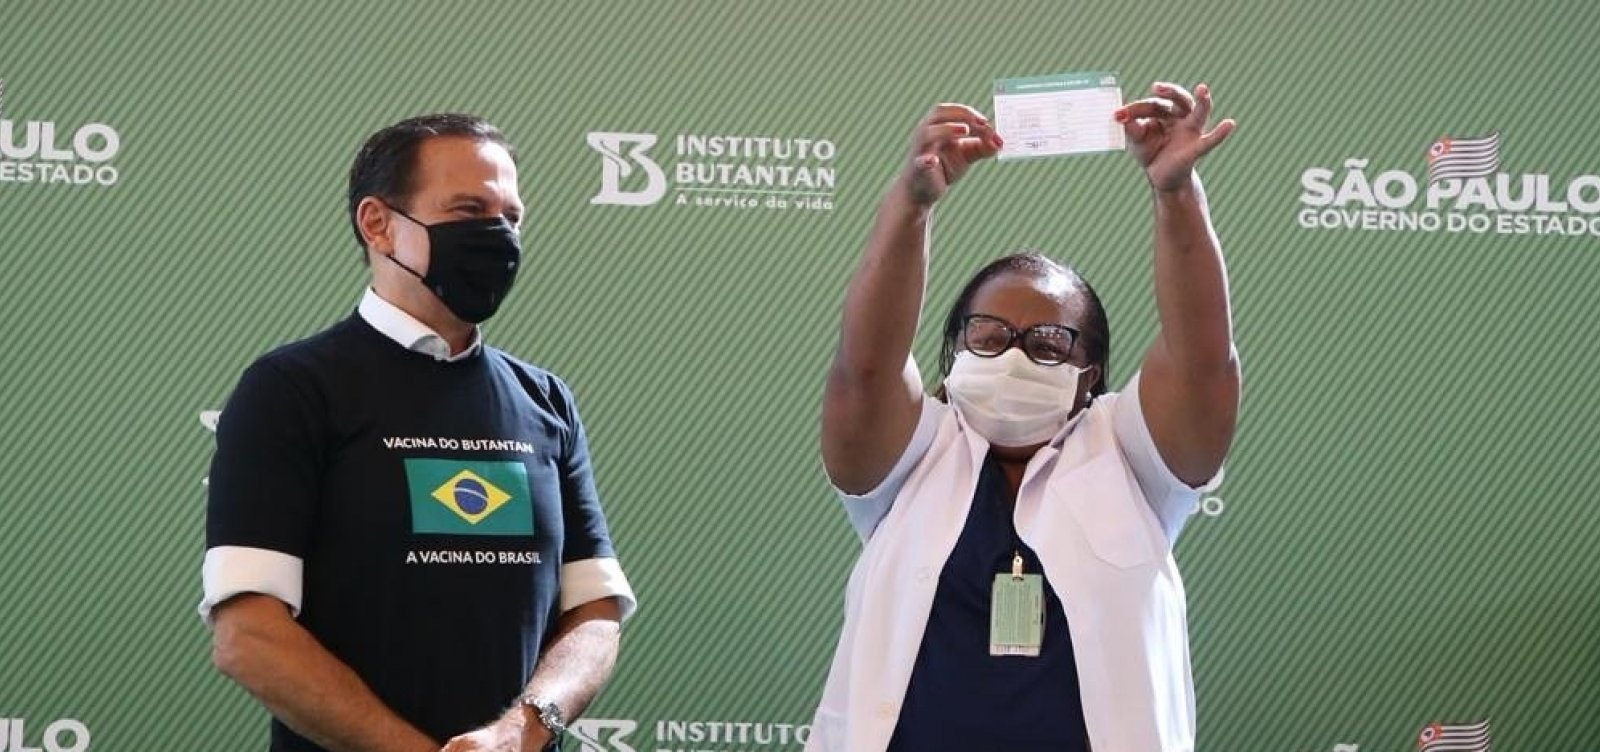 Após Anvisa aprovar uso emergencial, enfermeira é vacinada em São Paulo